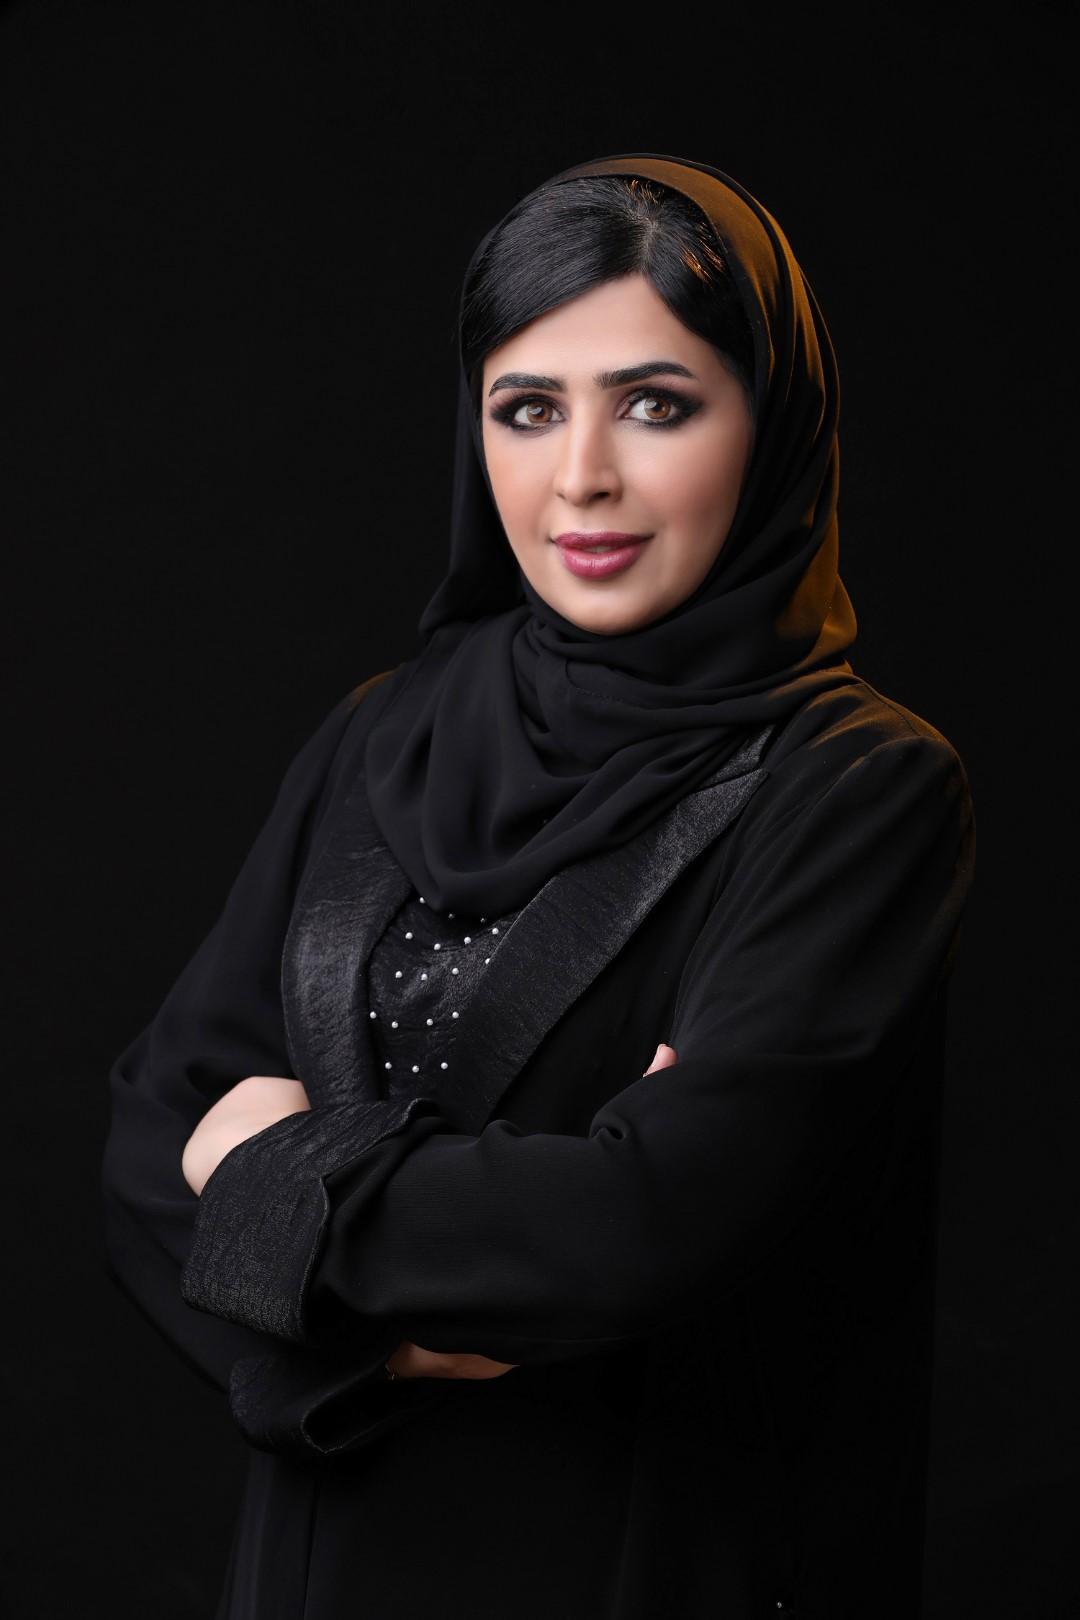 """بدء الاستعداد لاستضافة الجلسة الثانية من """"سلسلة جلسات قمة المستقبل الرقمي"""" في أبوظبي"""